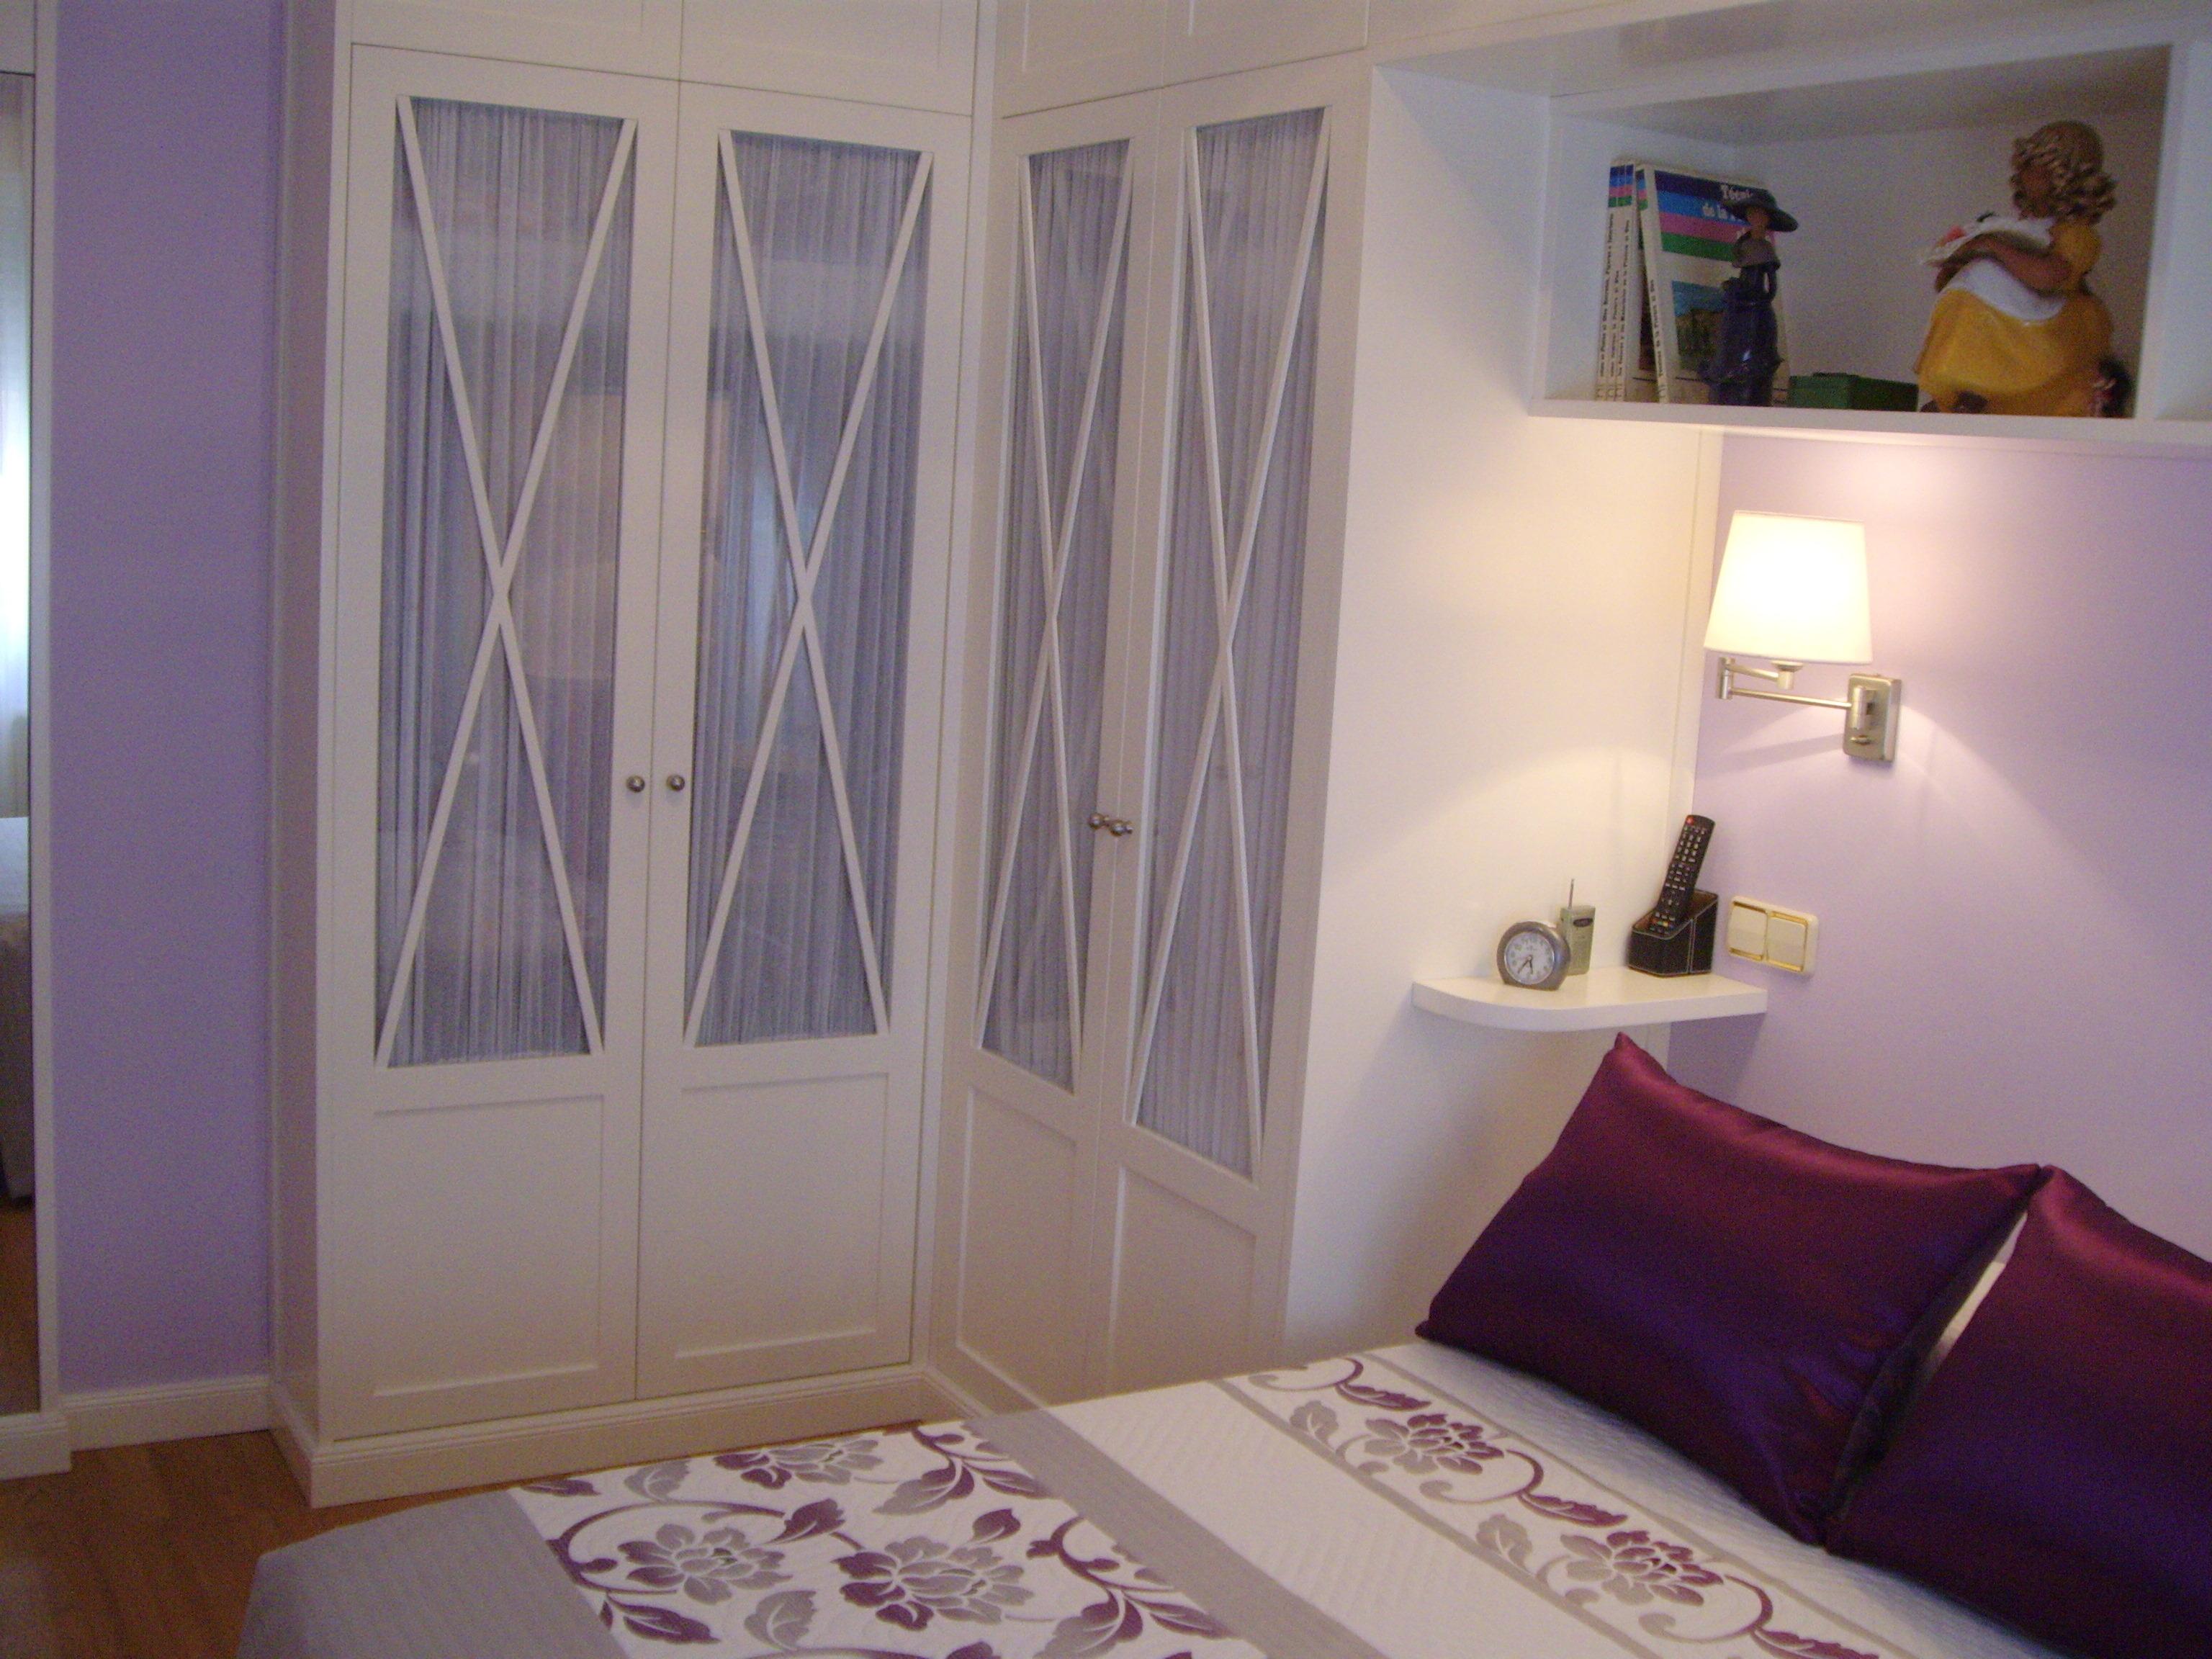 Muebles Monseco. Ebanistería A Medida. Diseños especiales. Dormitorios